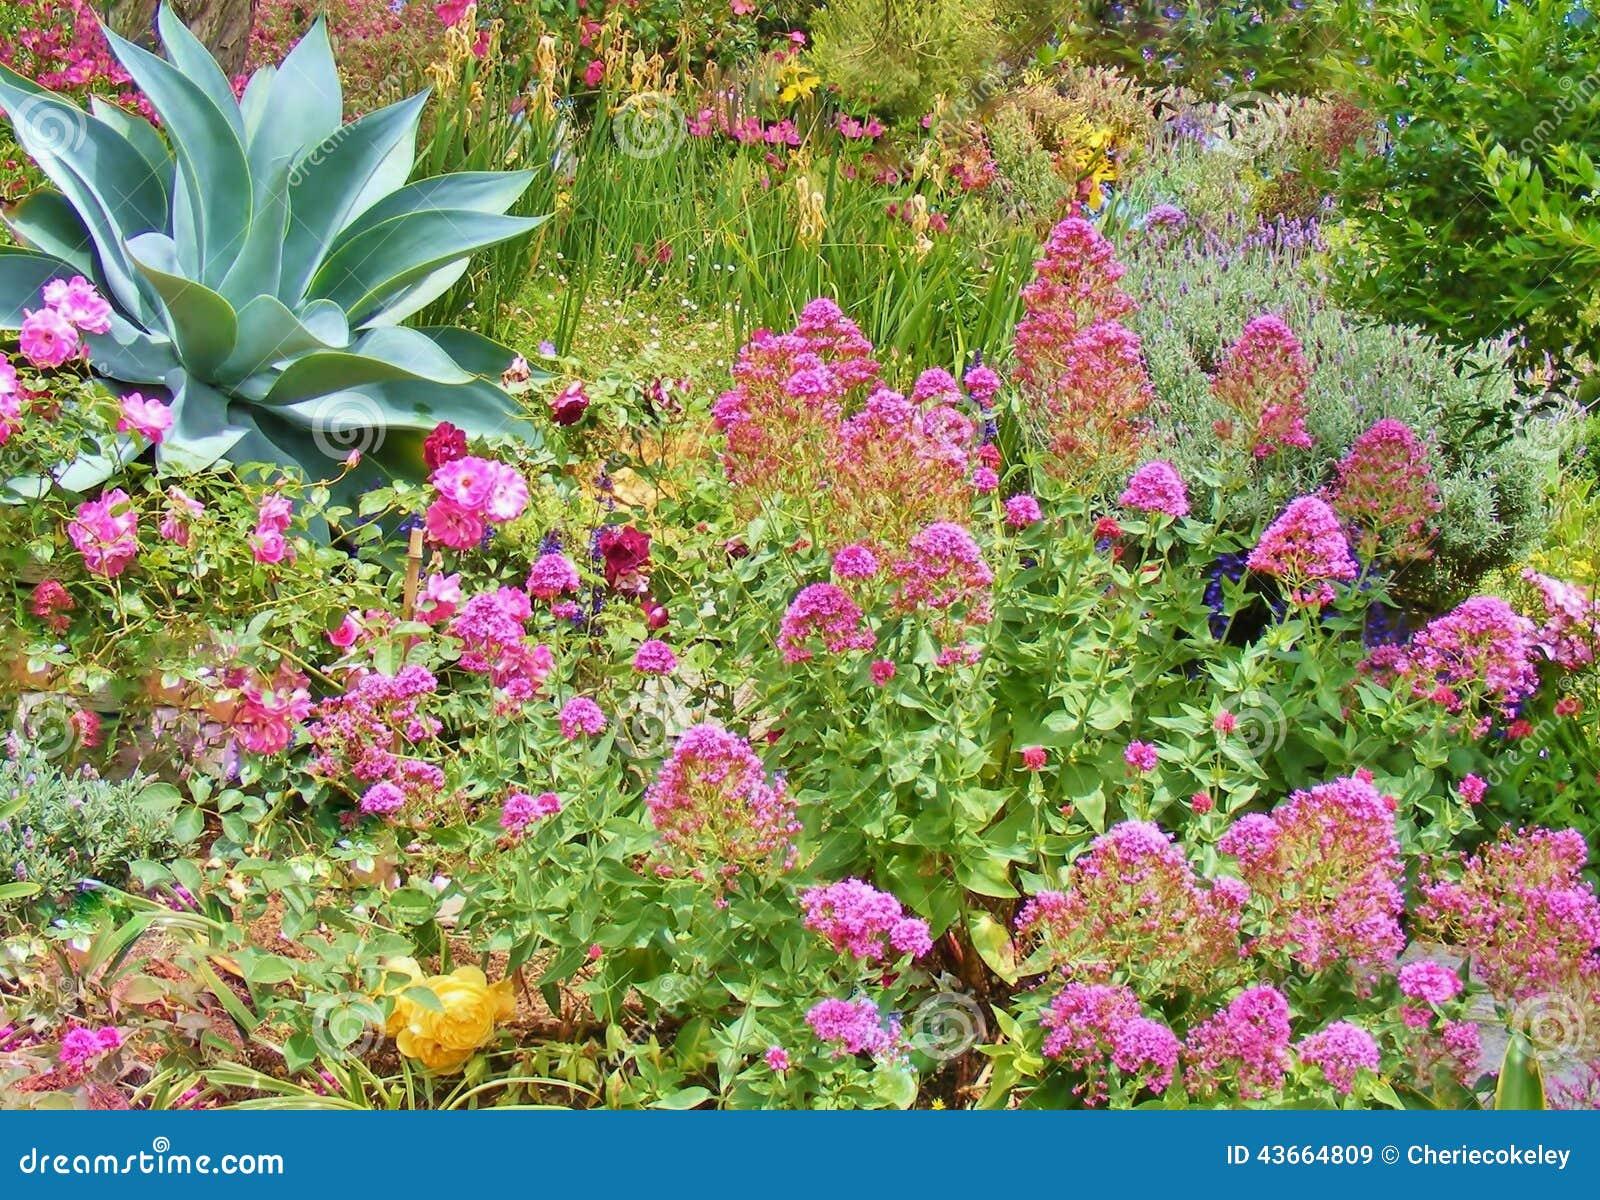 jardim flores e plantas:JARDIM BONITO DE PLANTAS E DE FLORES COLORIDAS Foto de Stock – Imagem